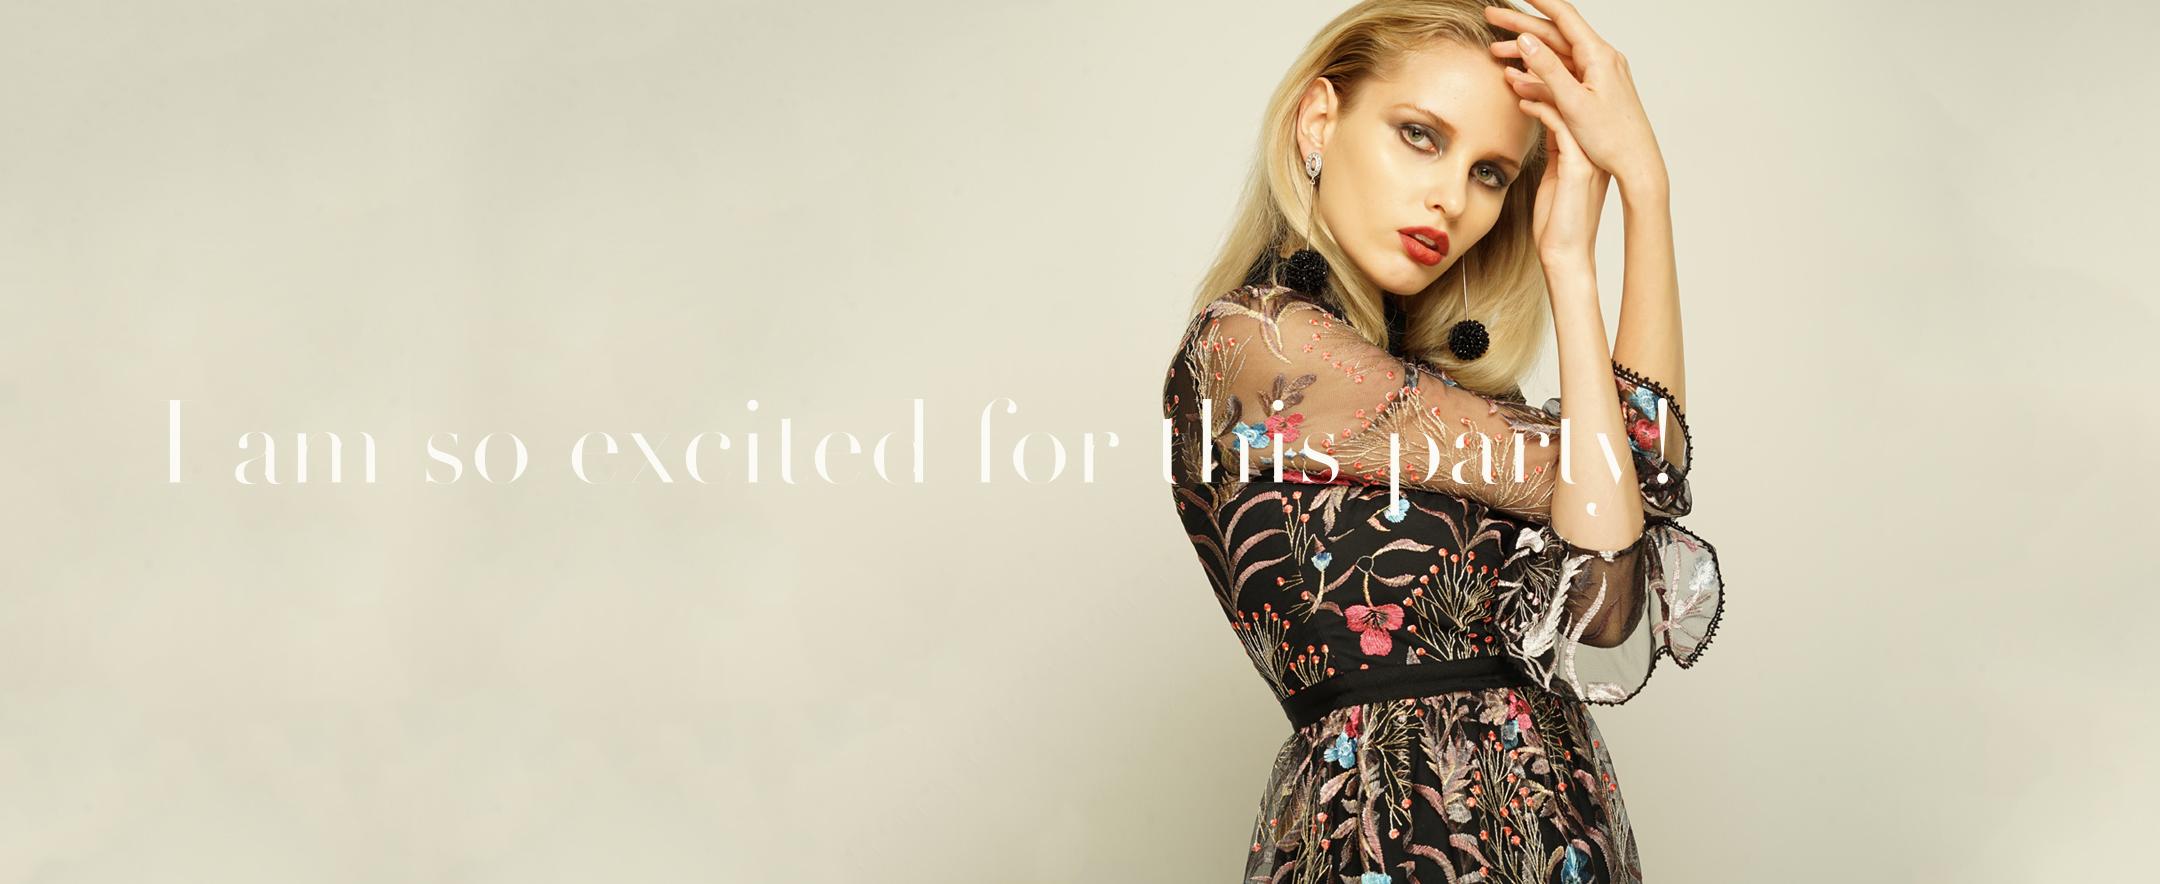 ゲストドレスのレンタル商品一覧ページです。